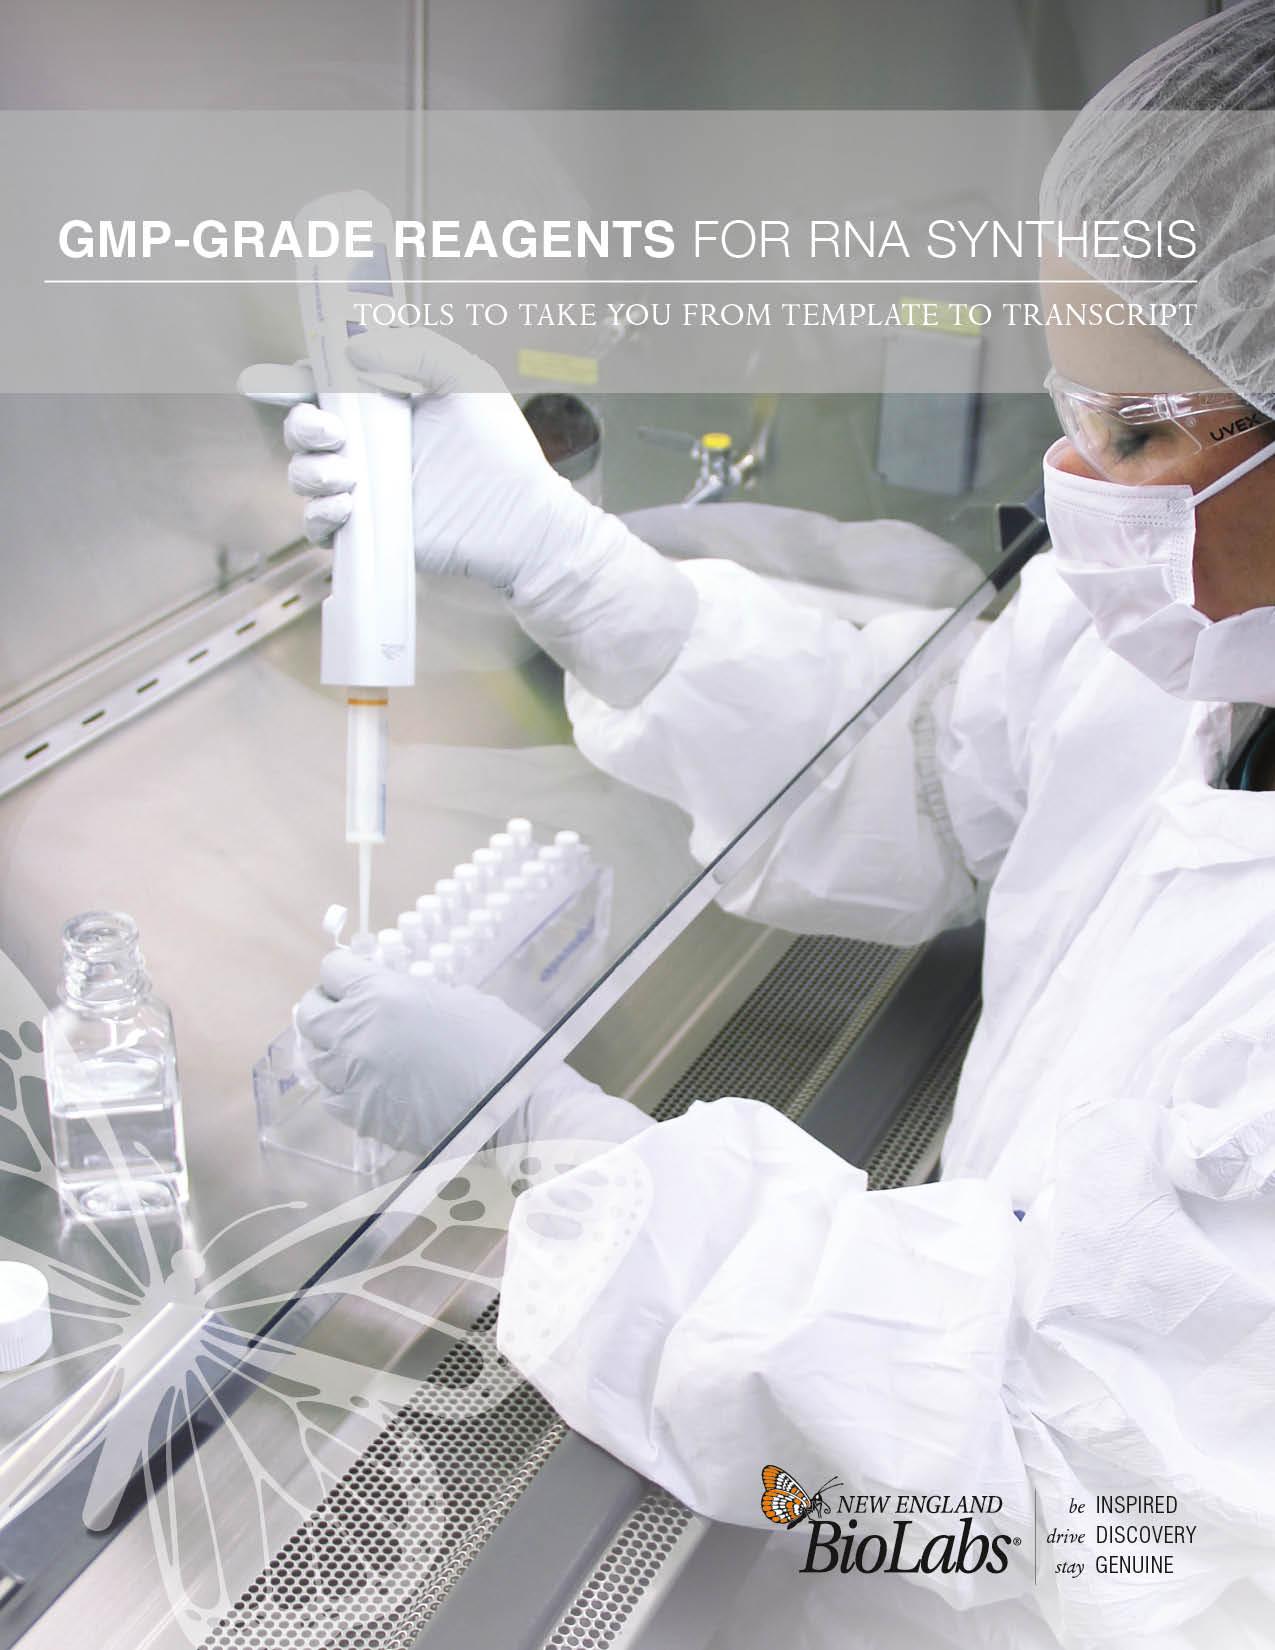 GMP Grade Reagents